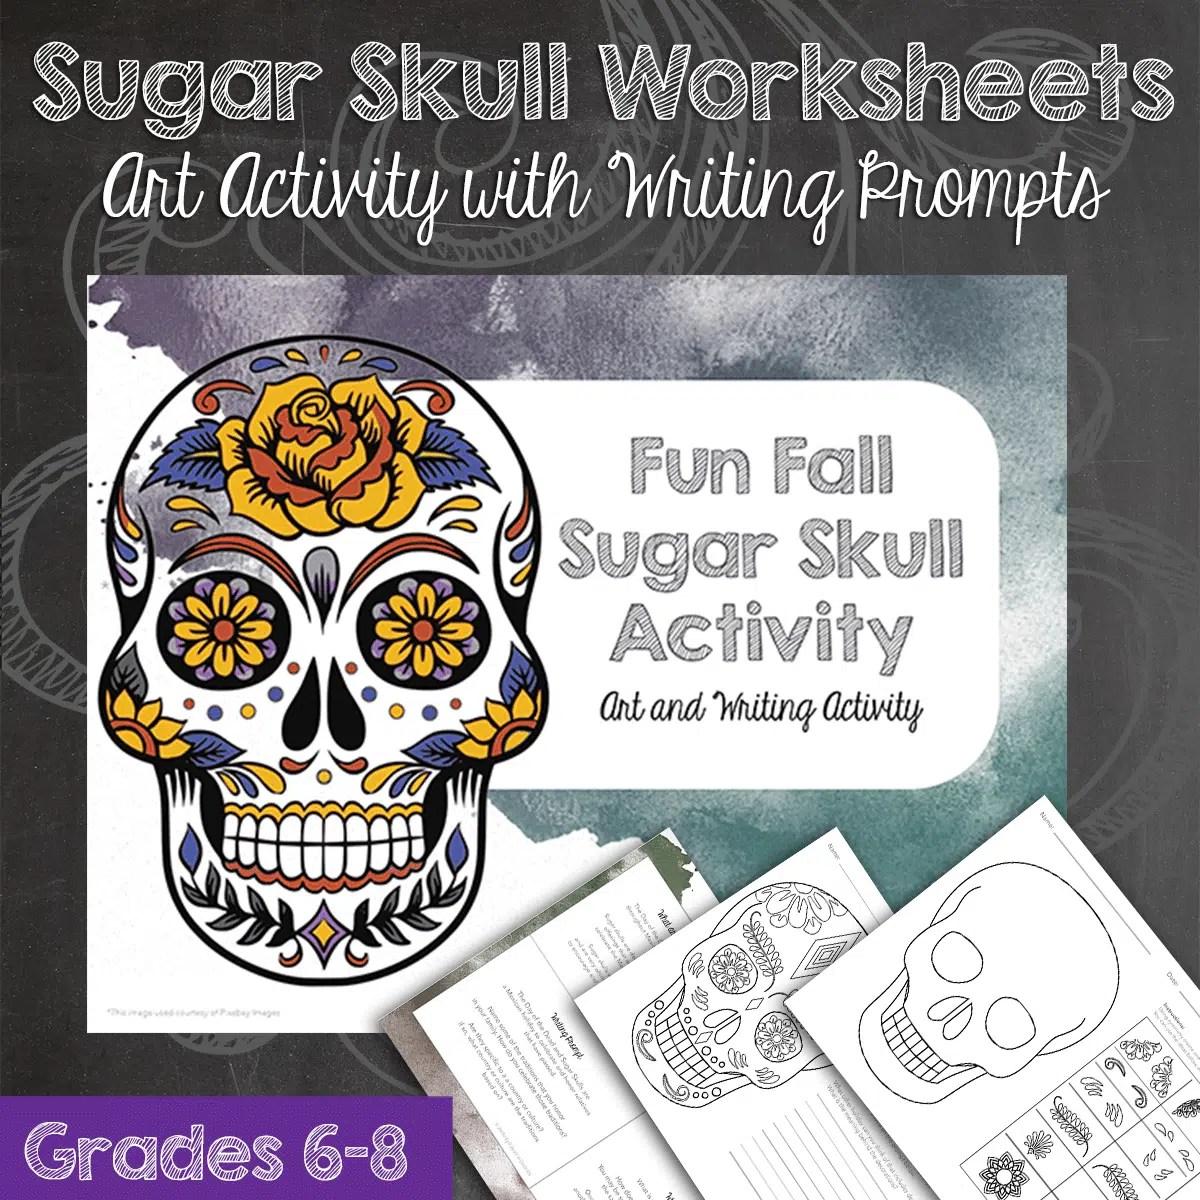 Fall Sugar Skulls Art Activity